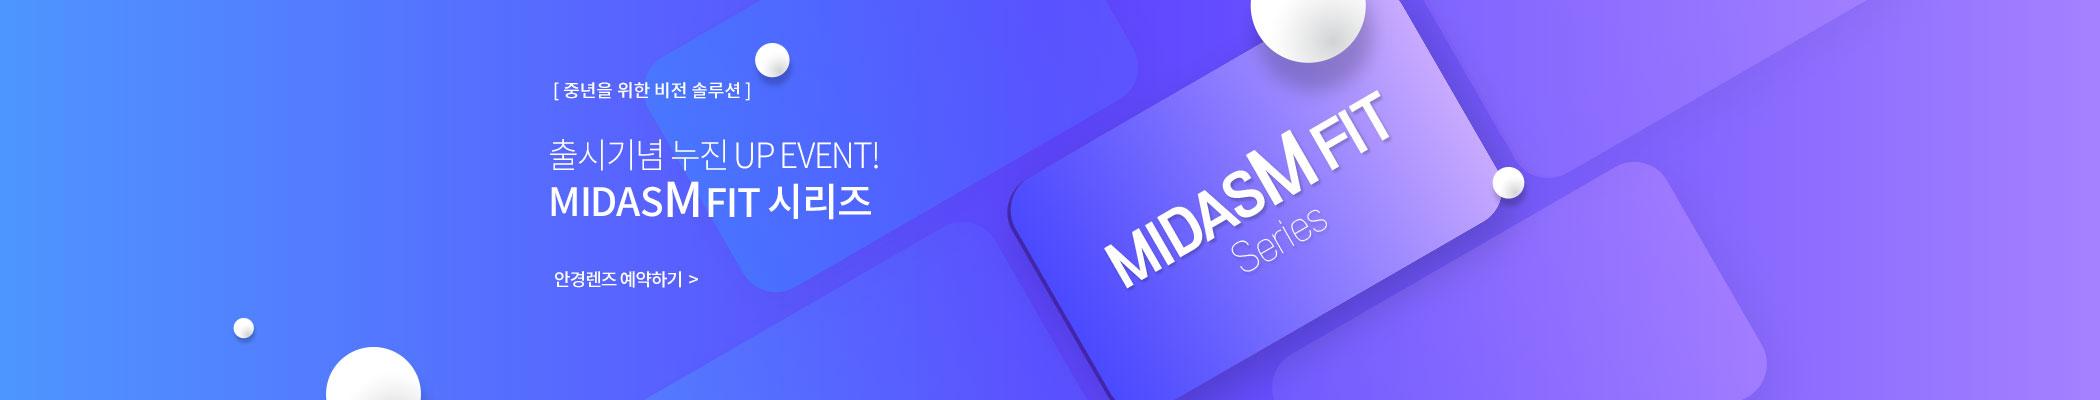 개인맞춤 누진렌즈 MIDASM FIT 시리즈 출시기념 업그레이드 행사